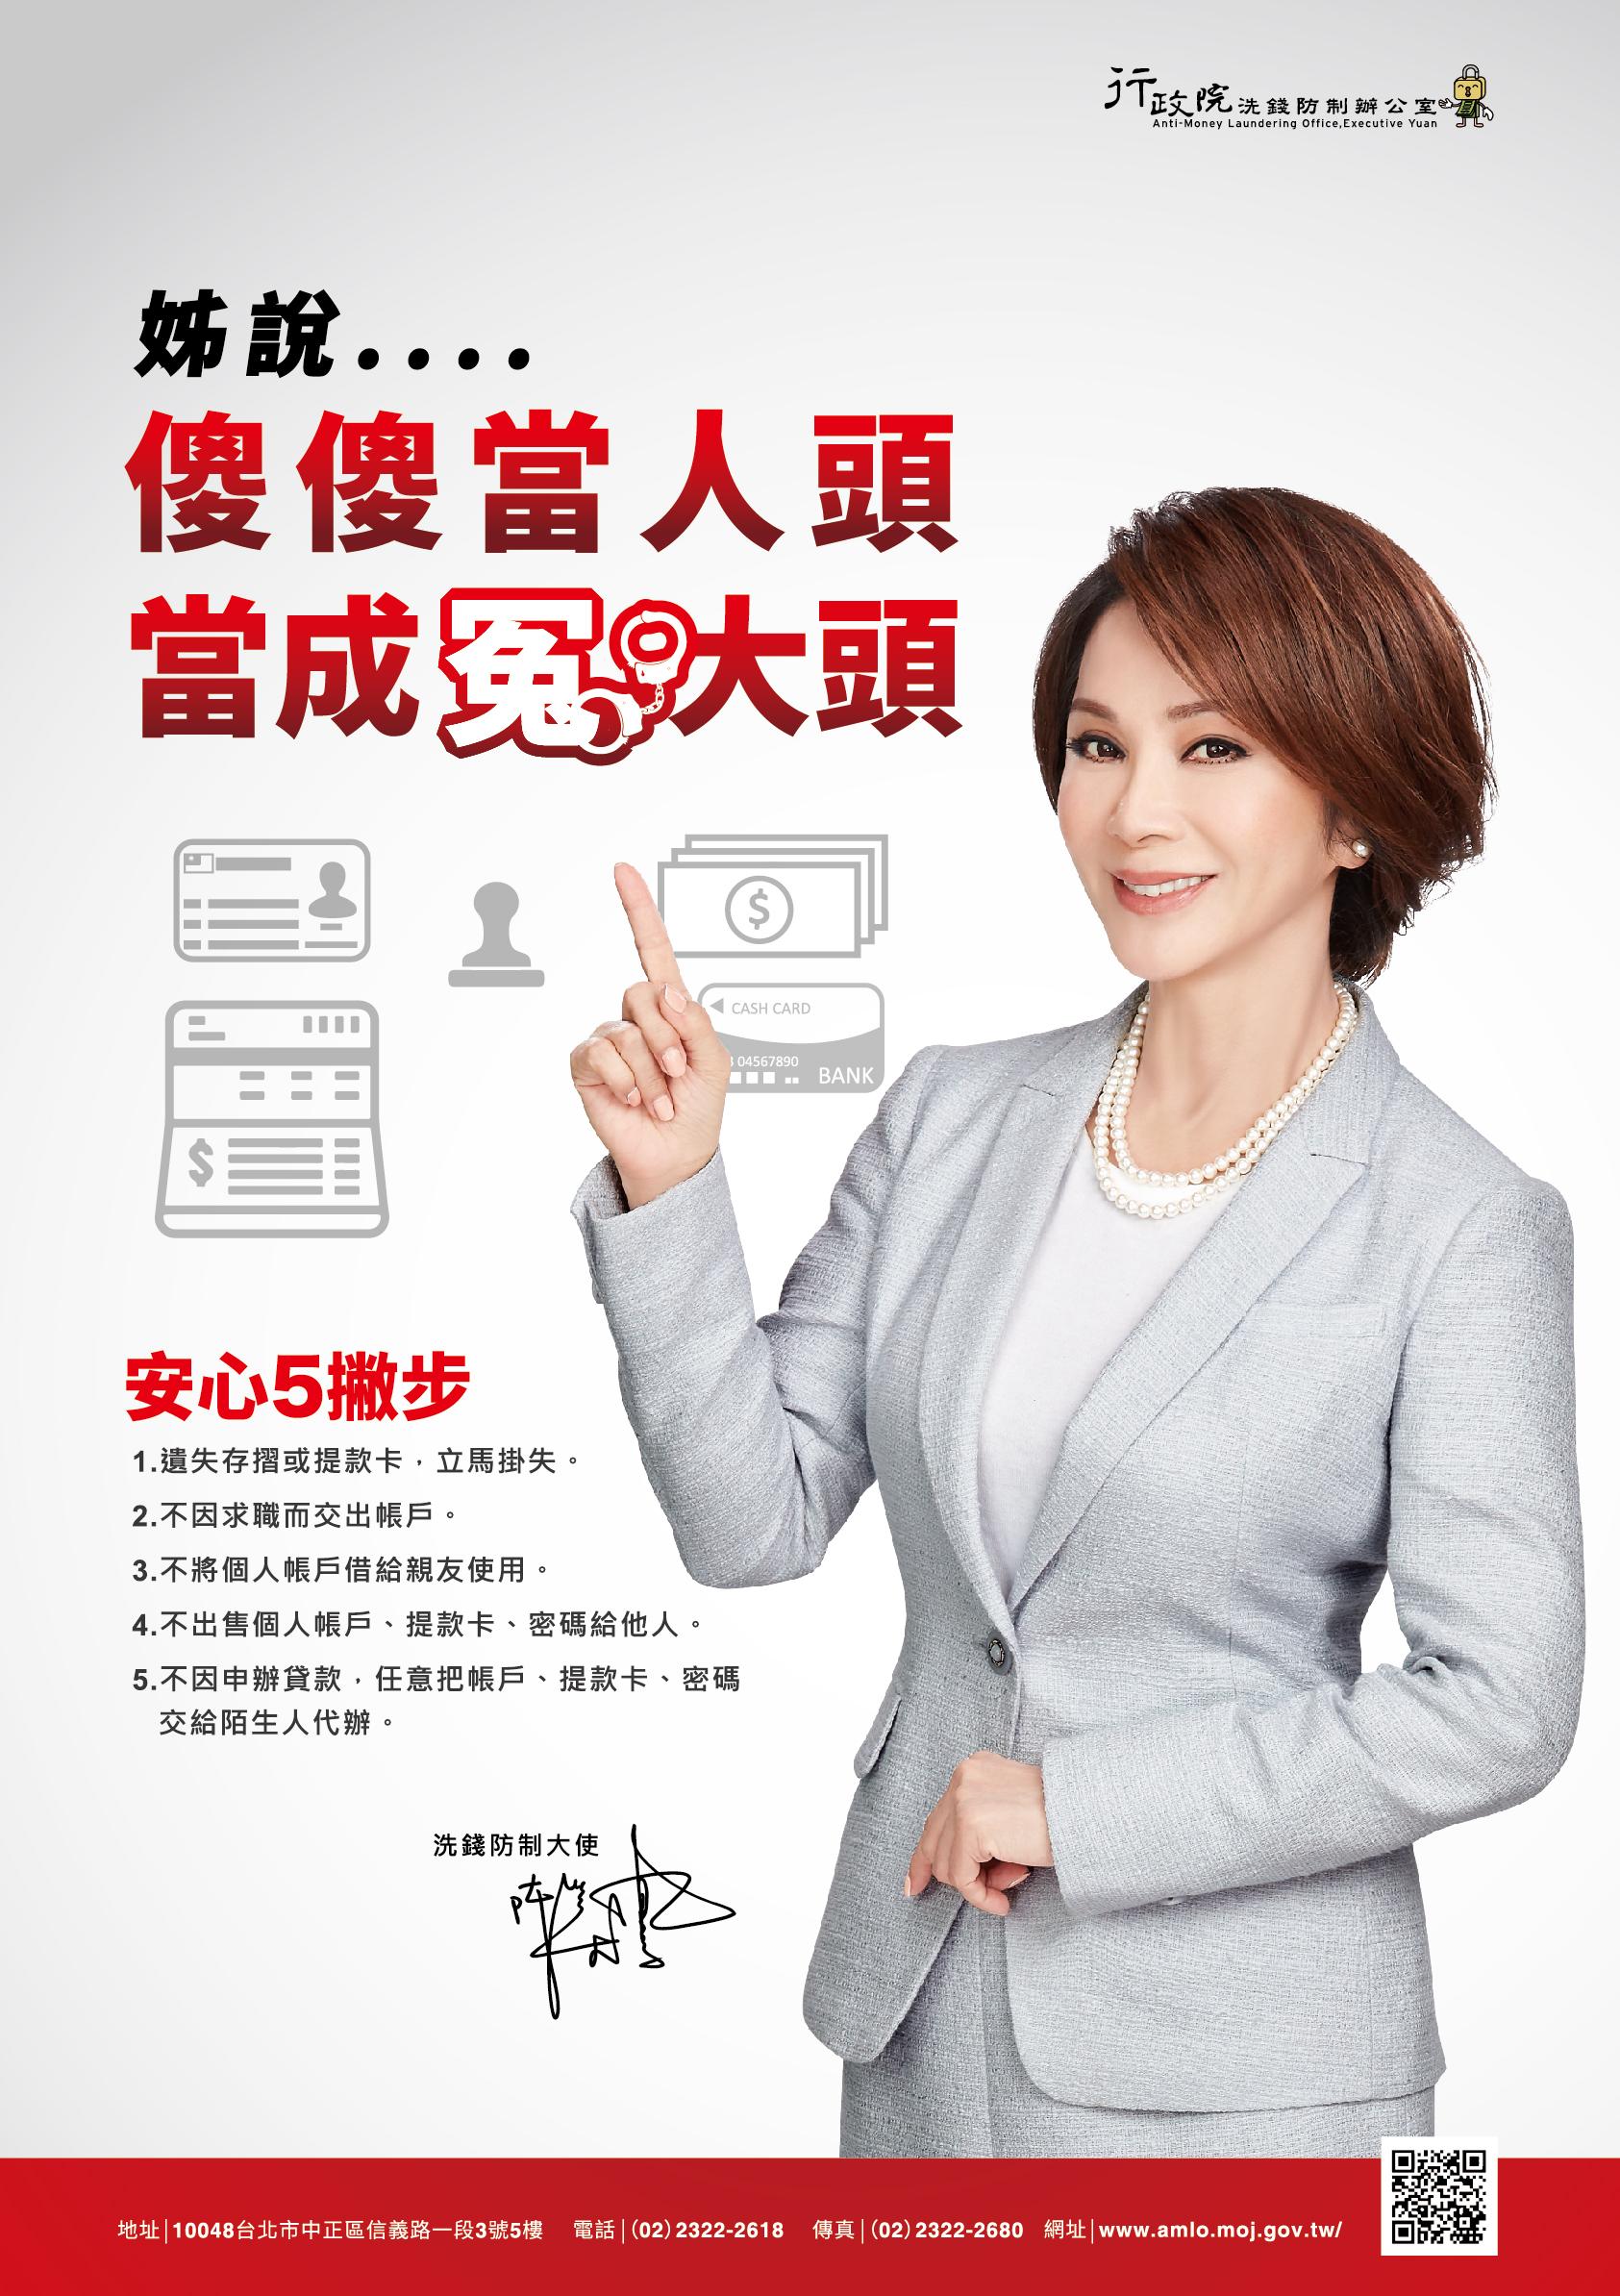 洗錢防制法宣導海報3